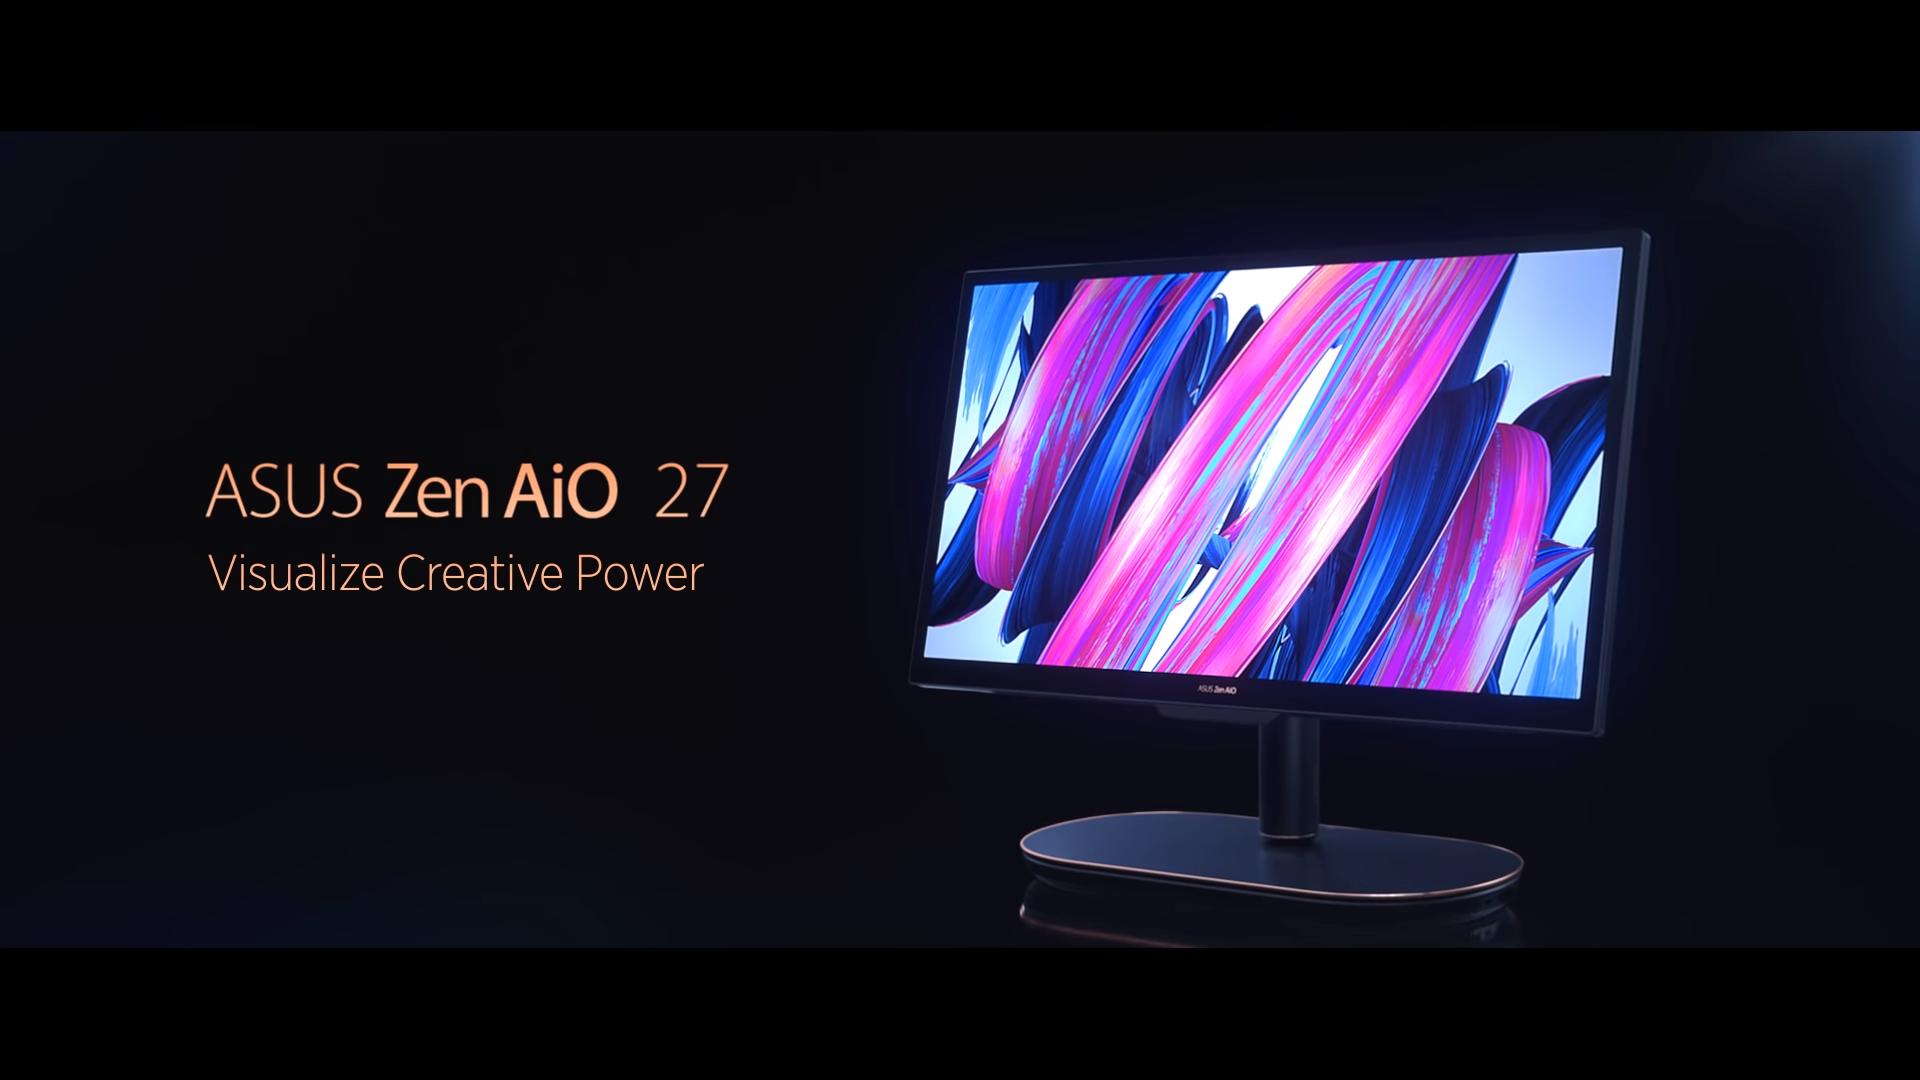 کامپیوتر آل این وان 27 Asus Zen AiO رونمایی شد